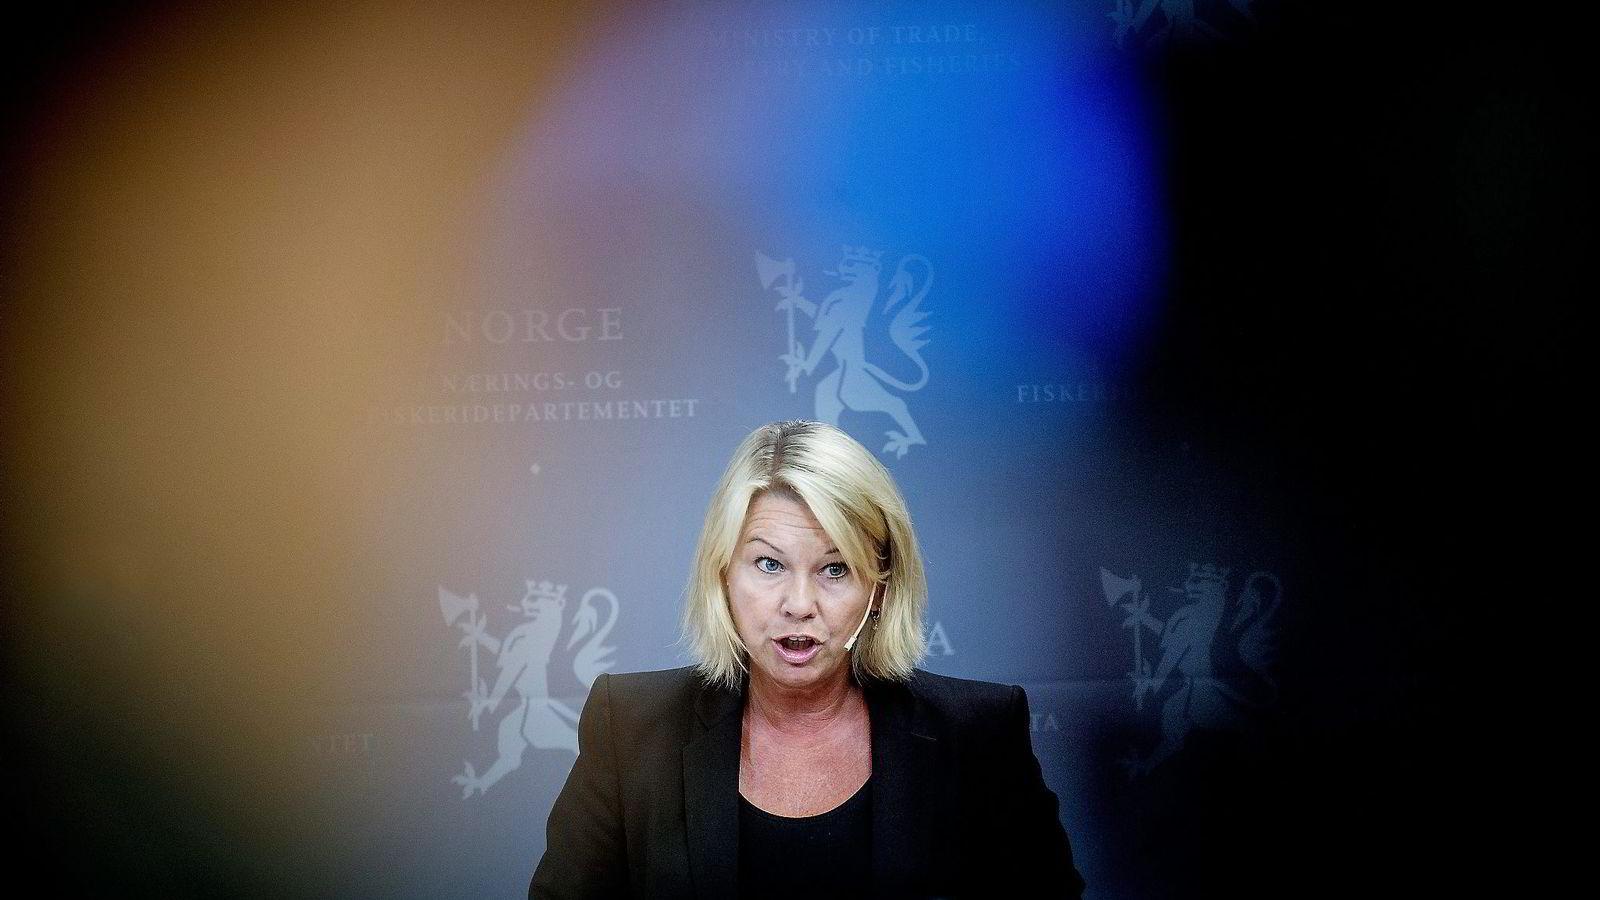 Næringsminister Monica Mæland stilte fredag til pressekonferanse om bråket rundt utnevnelsen av Thorhild Widvey som styreleder i Statkraft. Foto: Gorm K. Gaare